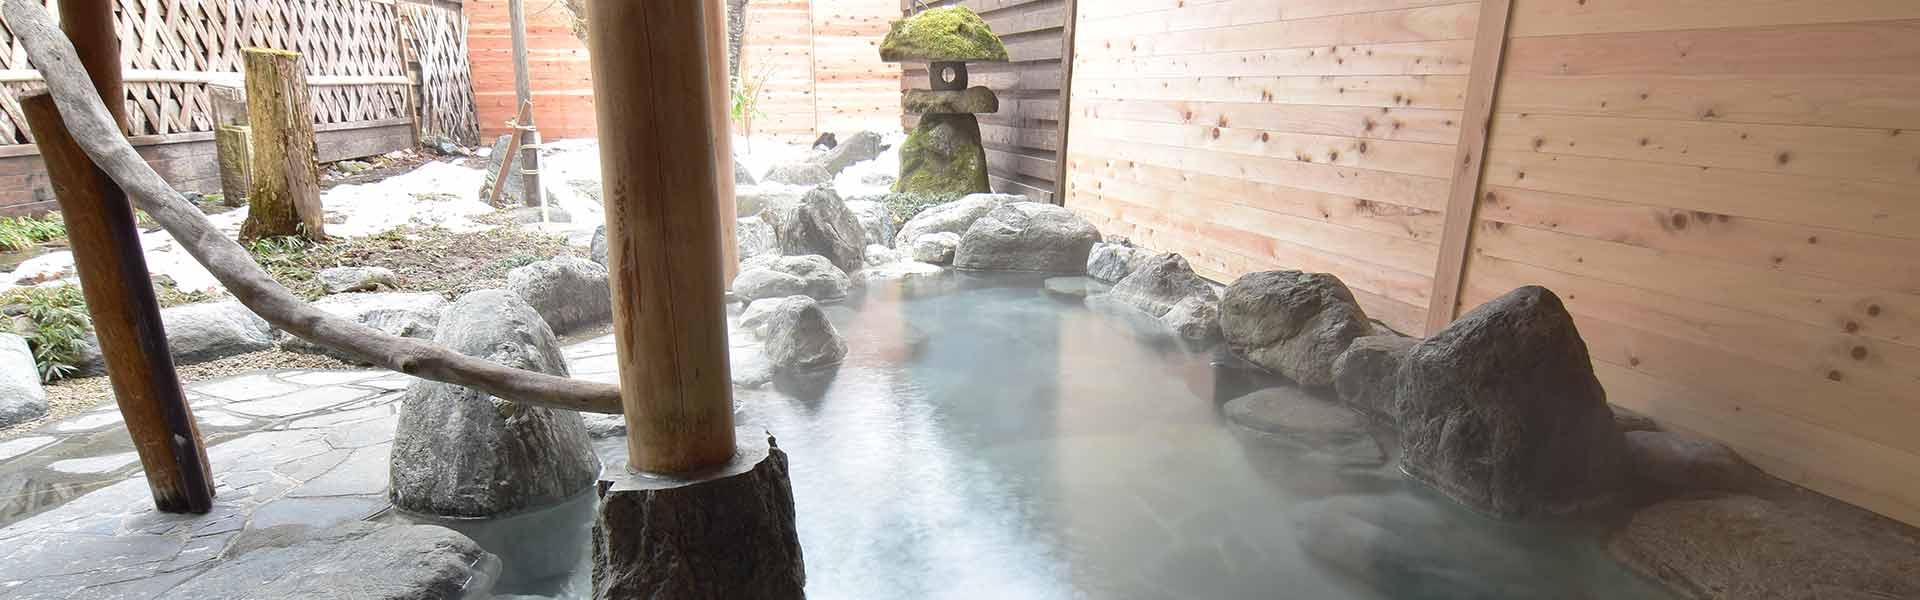 露天風呂「庄兵衛の湯」、男湯